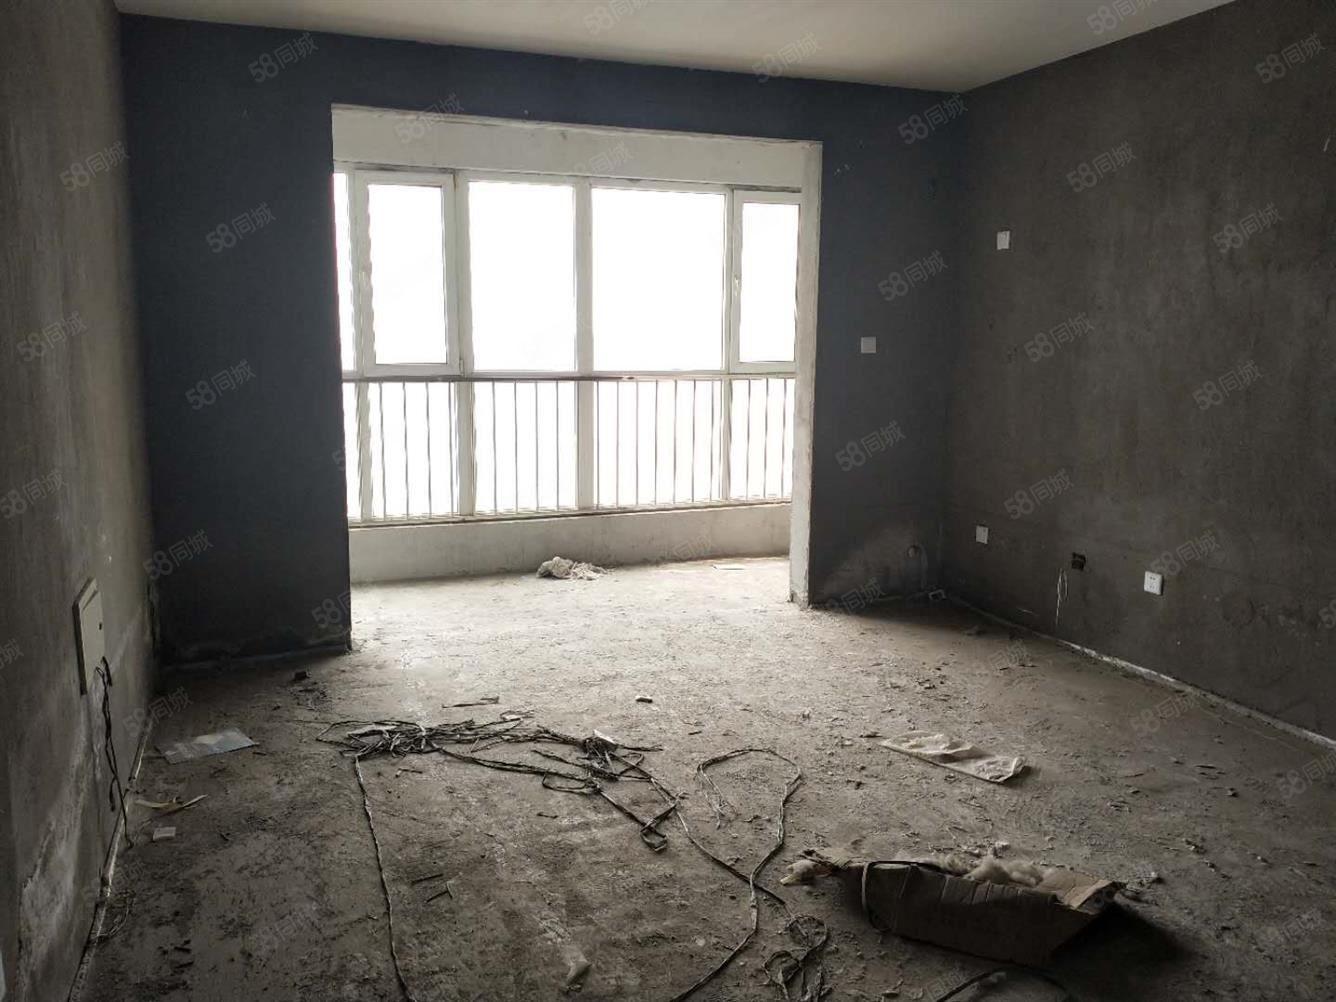 新上盛世華安旁三室毛坯房單價一萬一千多一平隨時看房